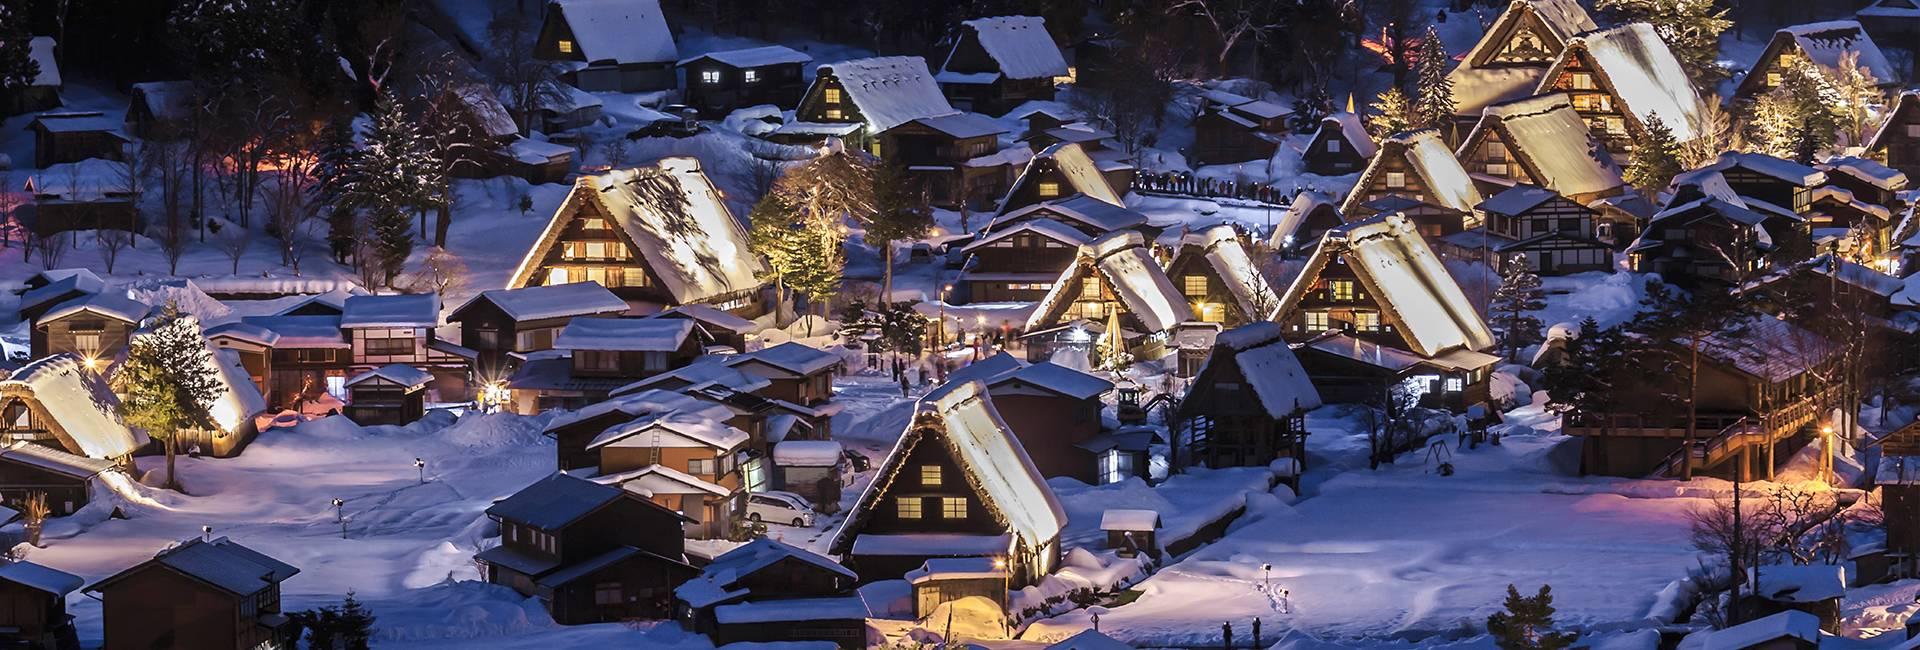 vista notturna di Shirakawa-go in inverno sotto la neve